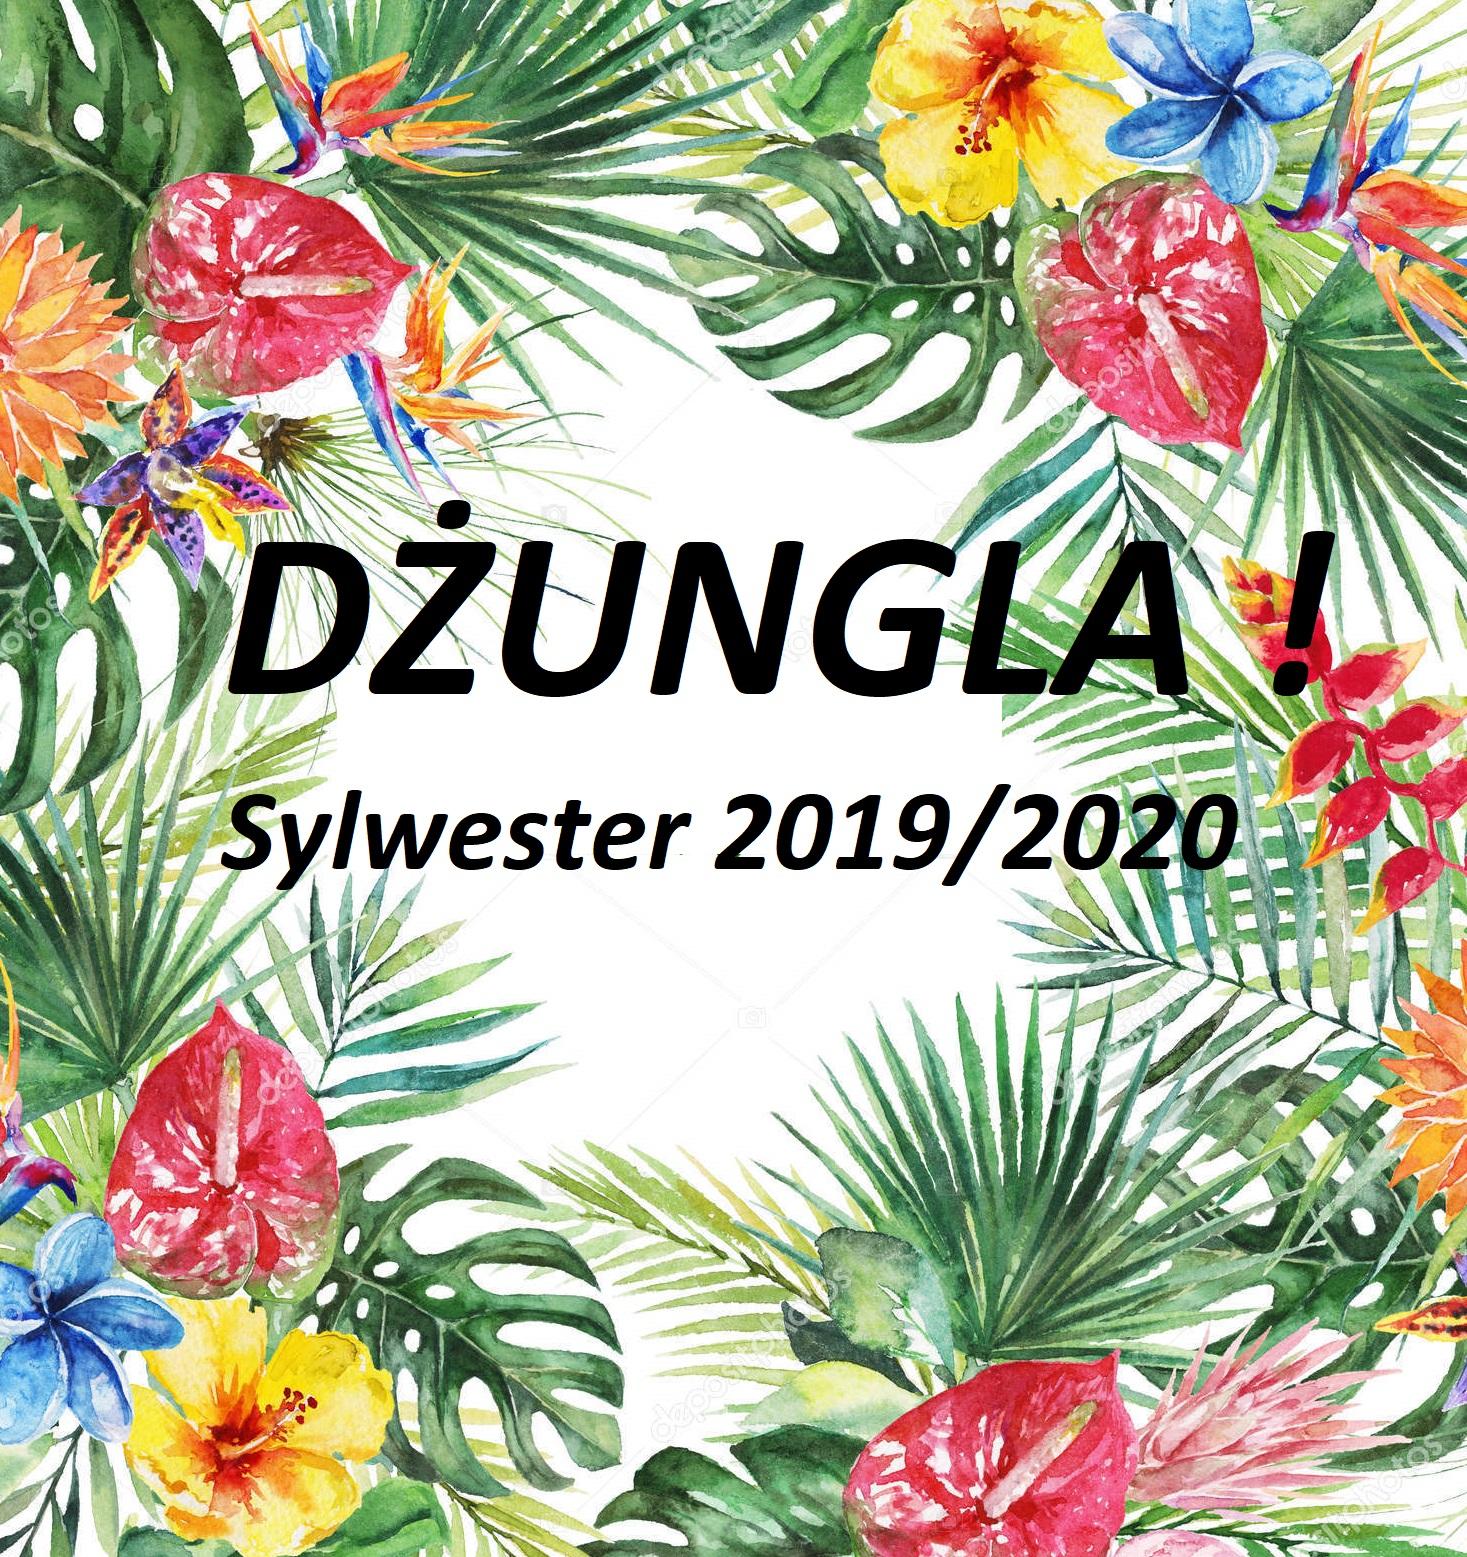 Dzungla napis